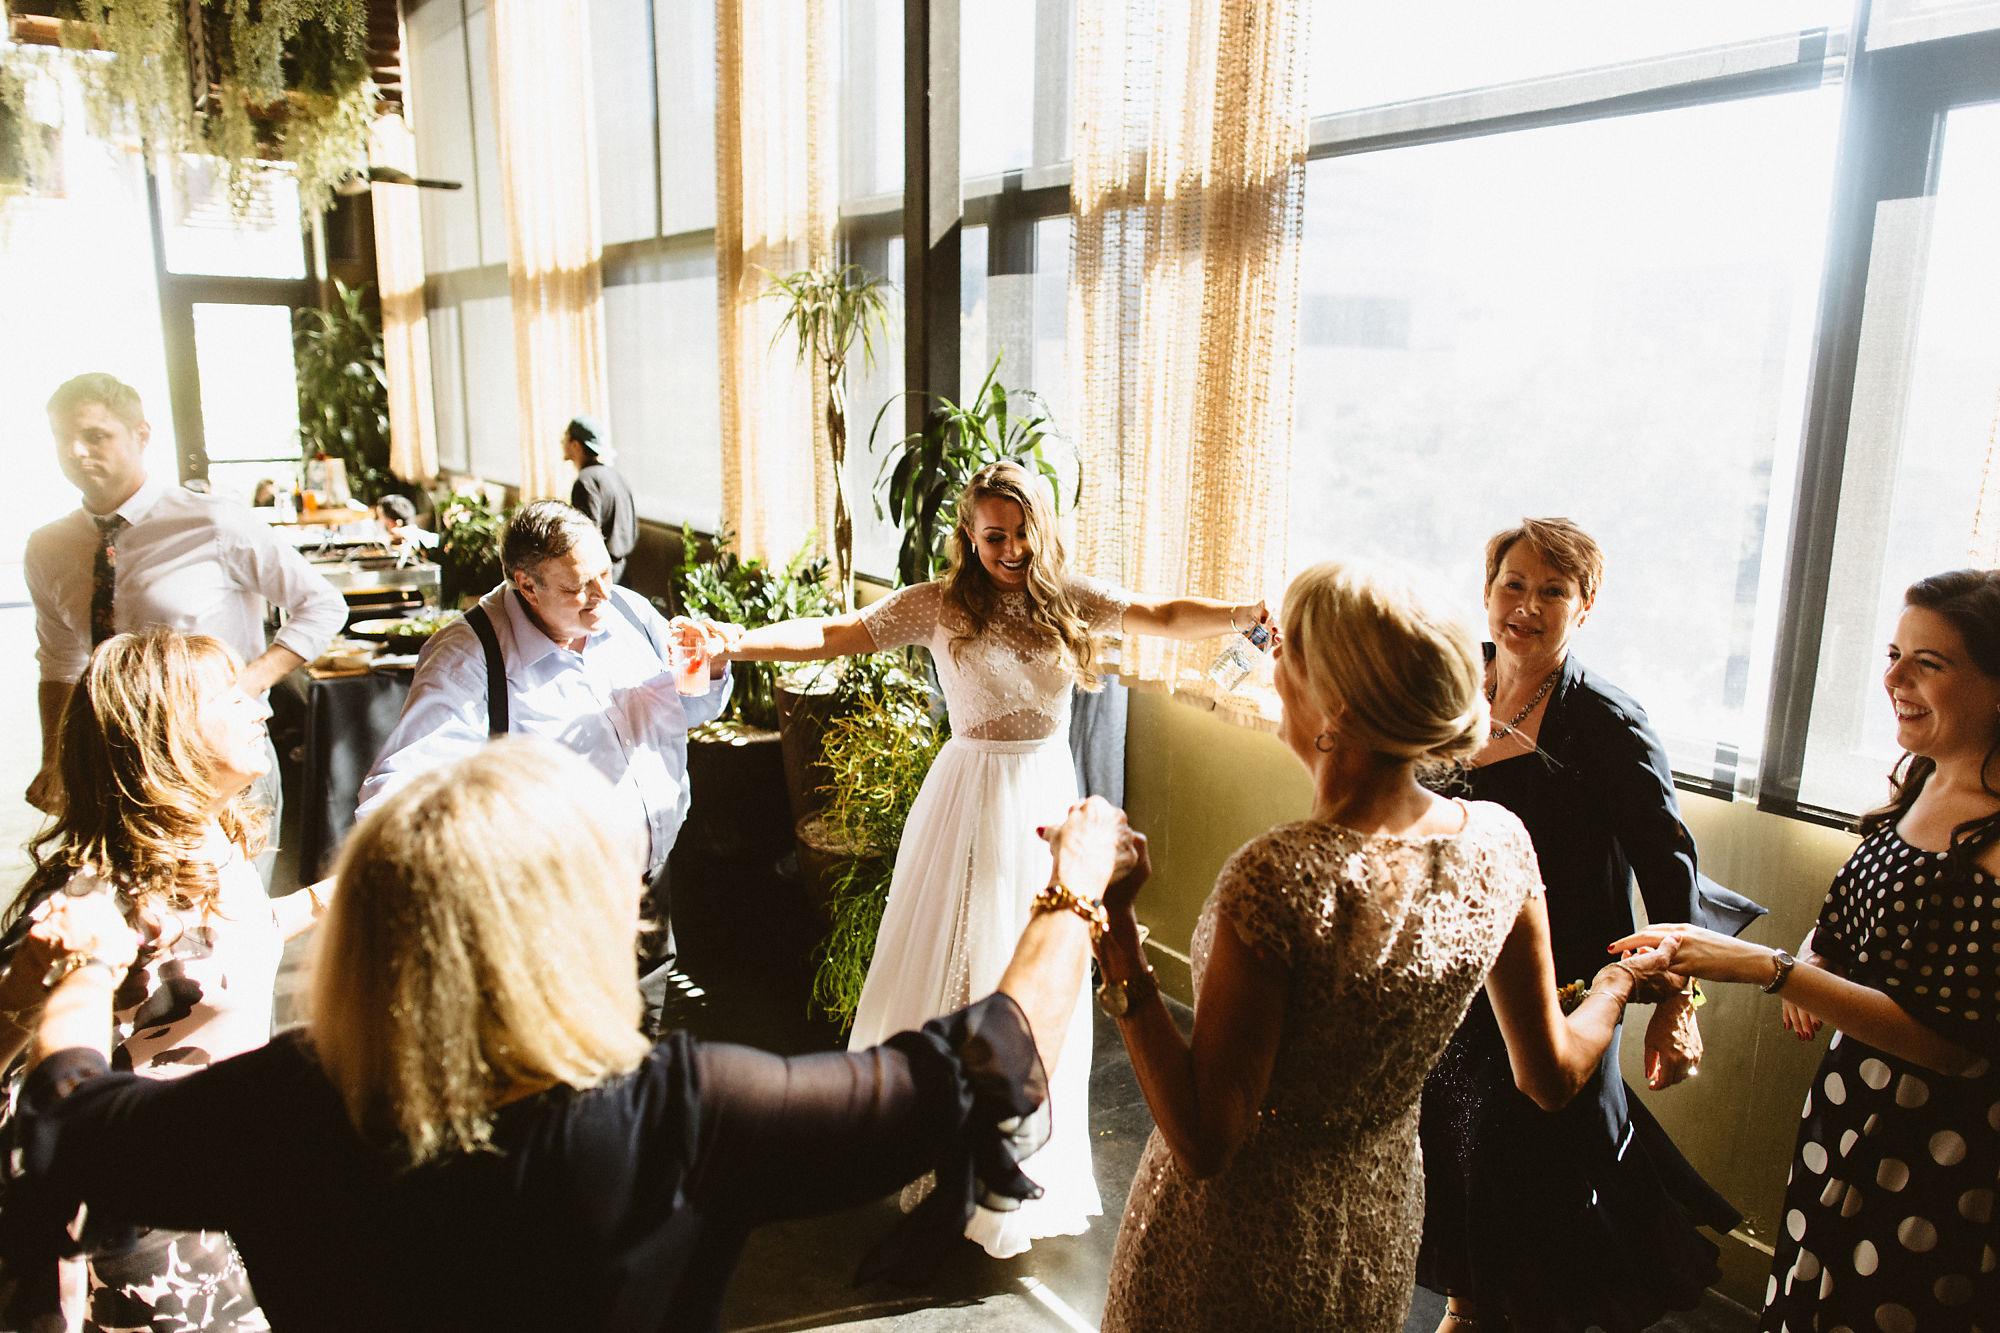 amber_cameron_malverde_wedding_photos143145.jpg